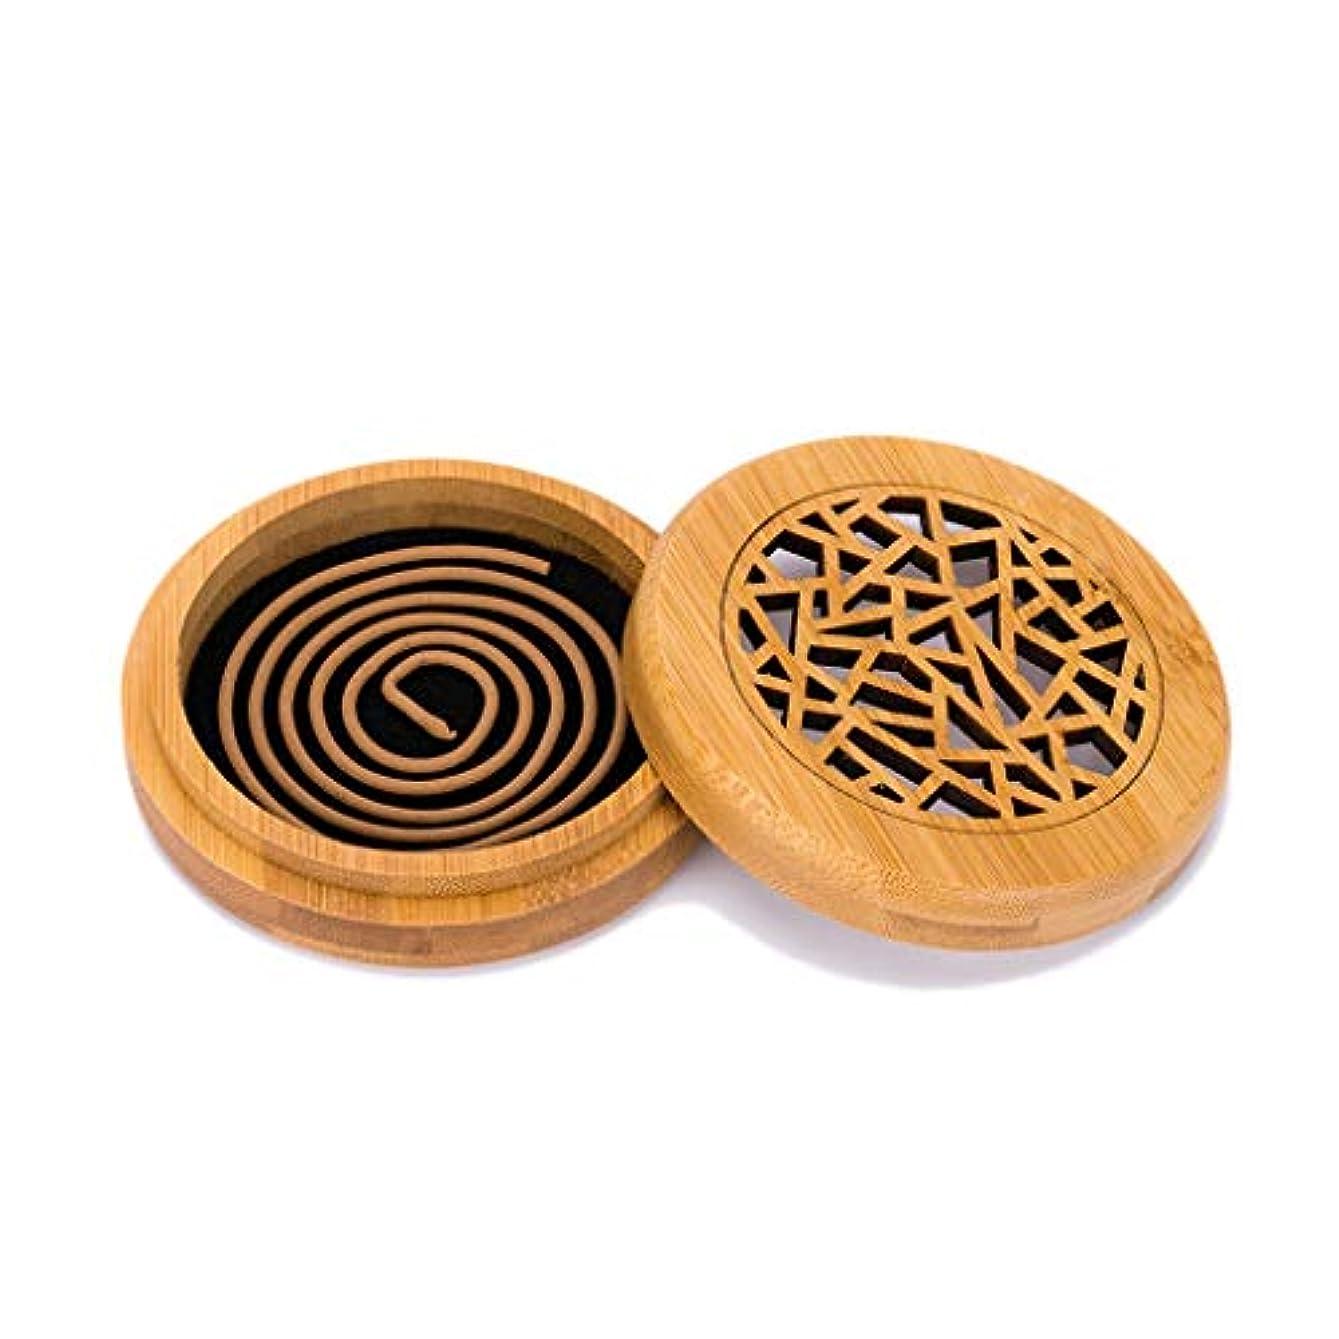 腐敗予見するアシュリータファーマン木製香炉コイル香スティックコーンバーナーホルダー部屋の装飾瞑想竹アッシュキャッチャー香ホルダー (Color : Wood, サイズ : Round)